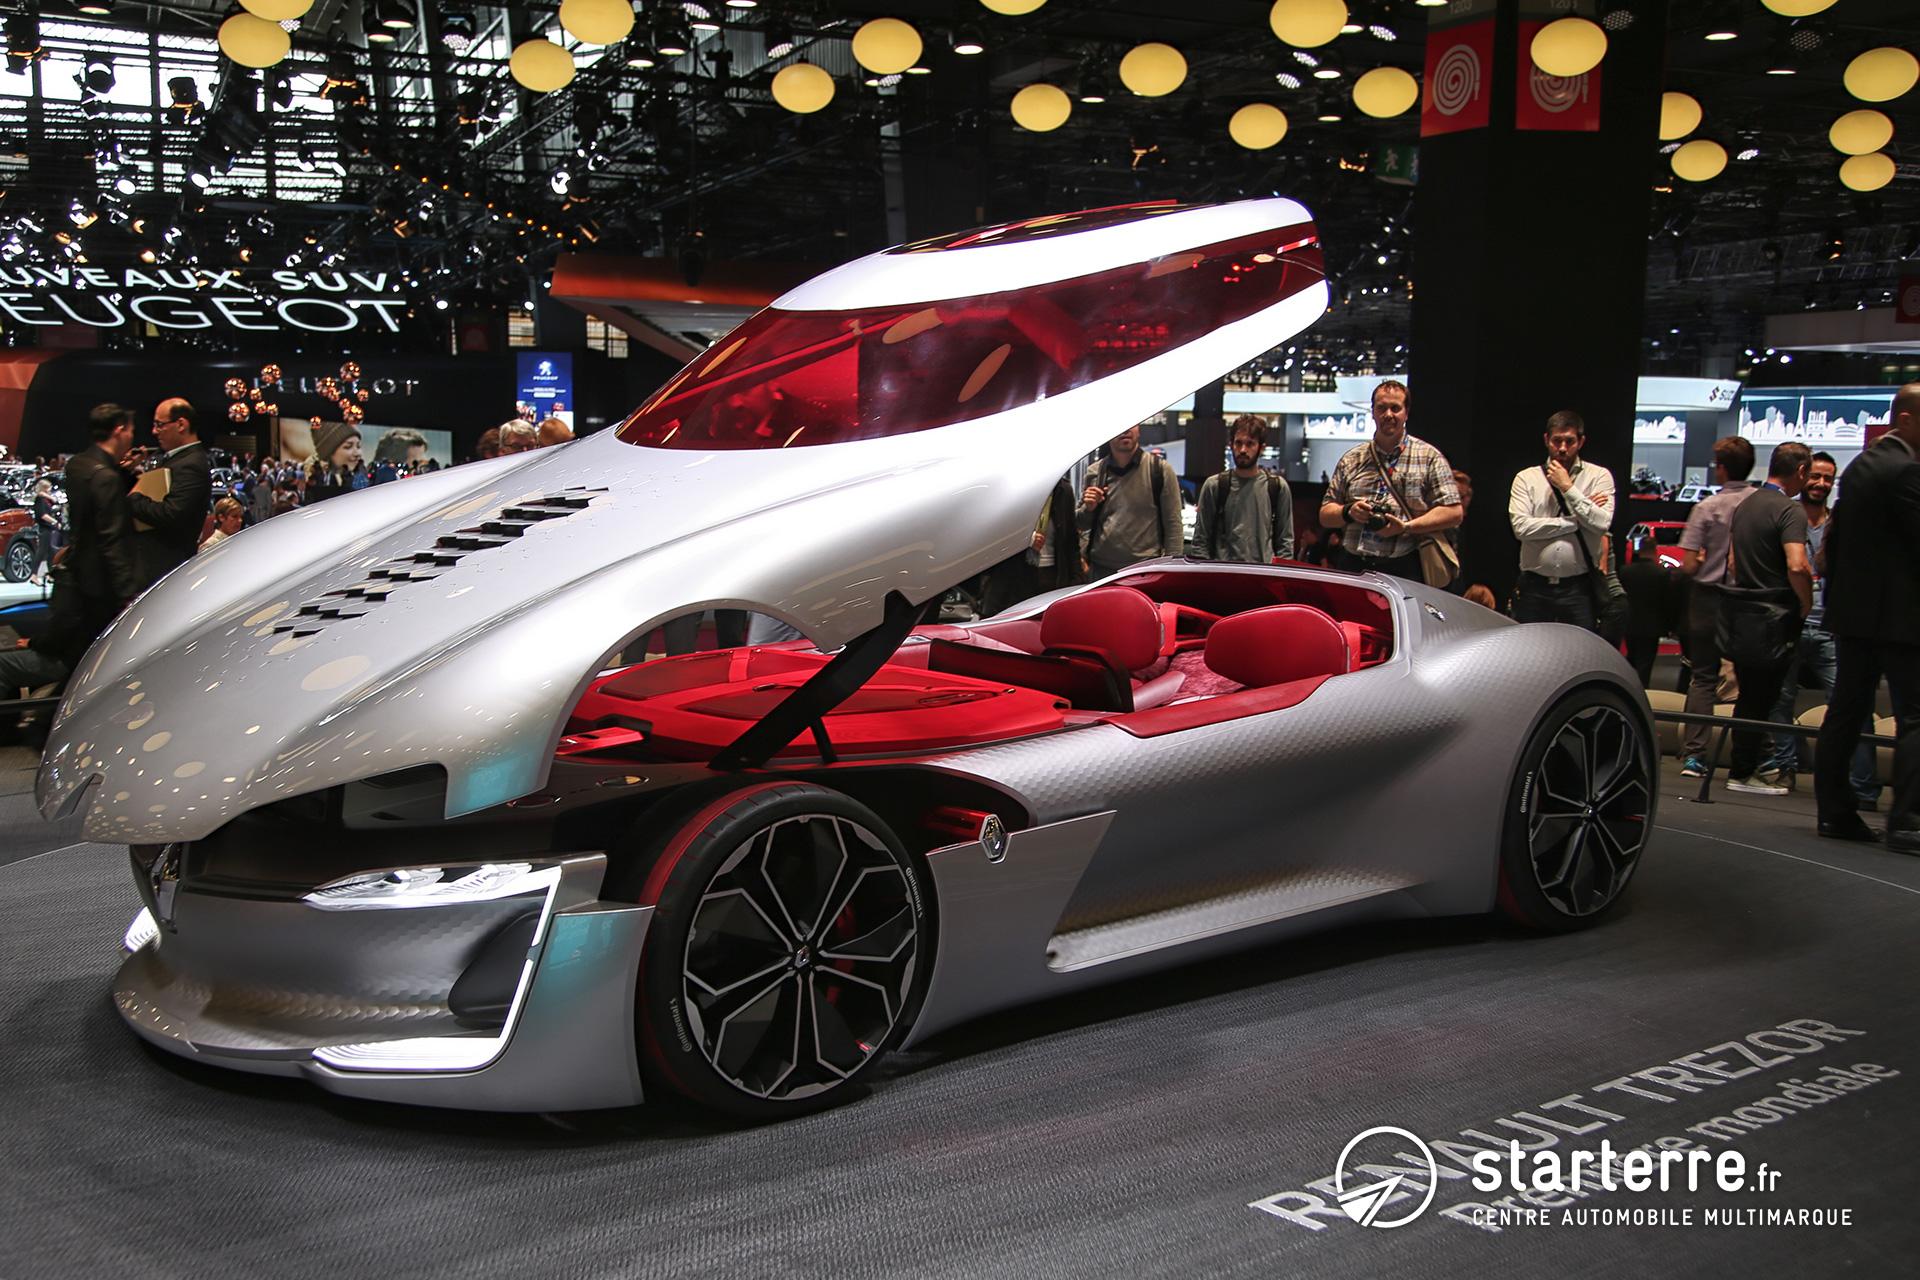 renault-trezor-mondial-auto-paris-2016-starterre